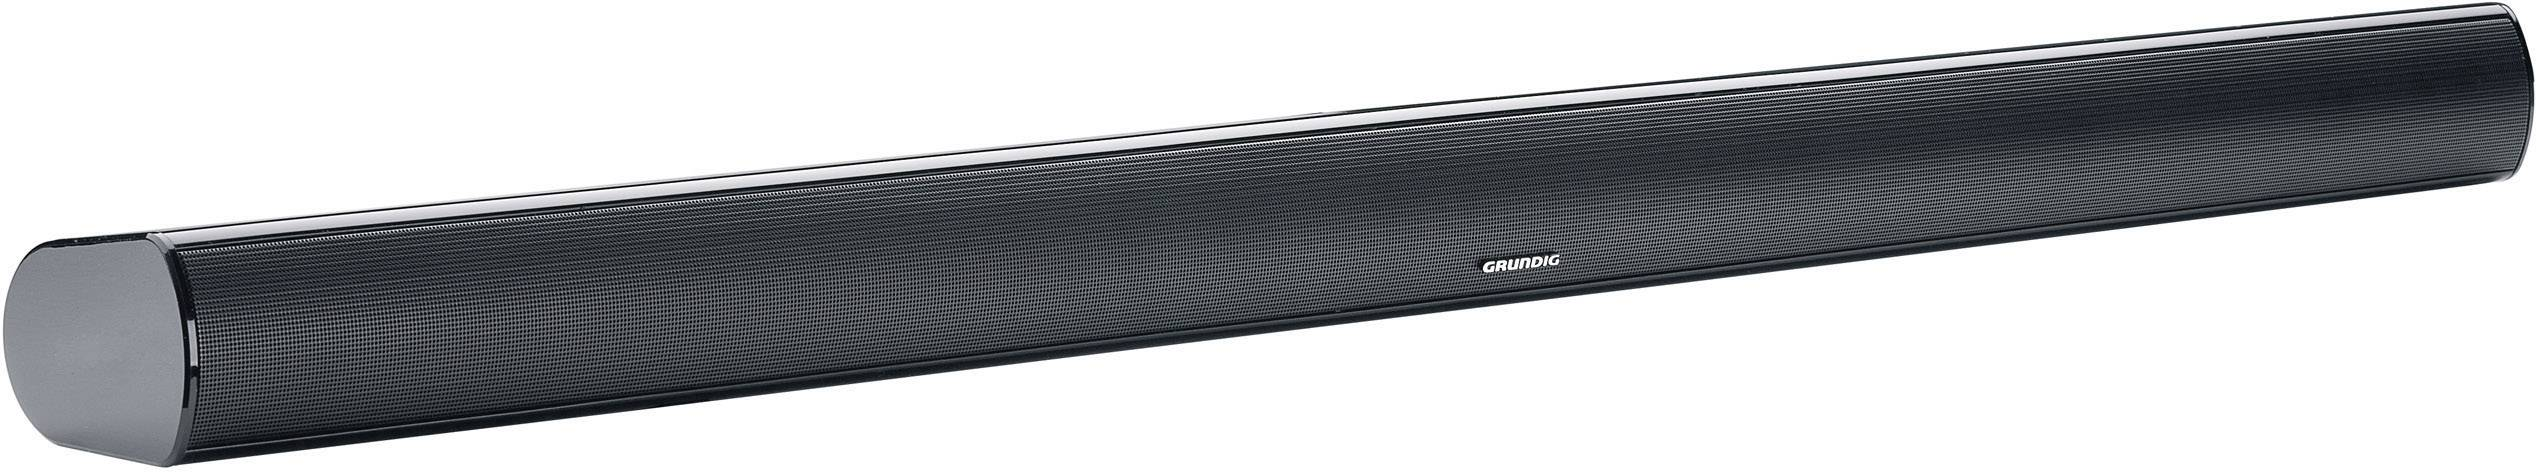 Soundbar Grundig DSB 950 Bluetooth®, upevnenie na stenu, čierna